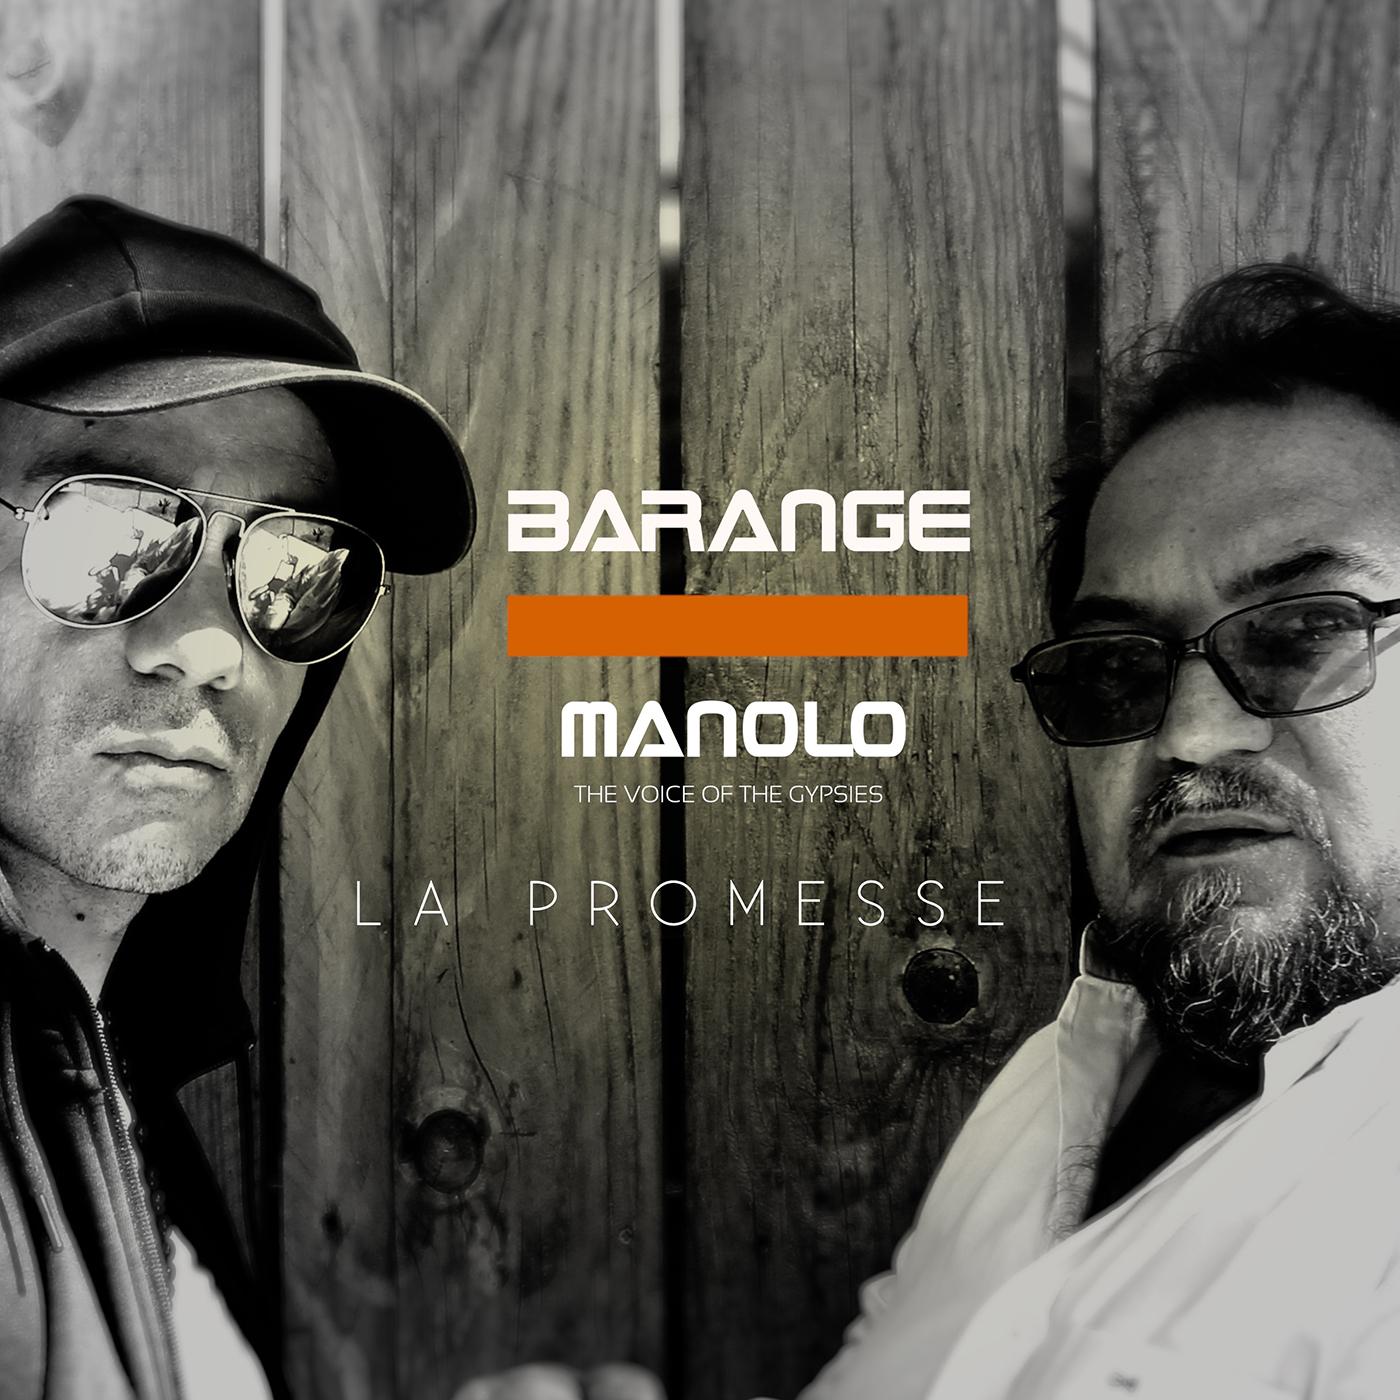 Barange 11,2 k abonnés BARANGE - La promesse ft. MANOLO The Voice Of The Gypsies